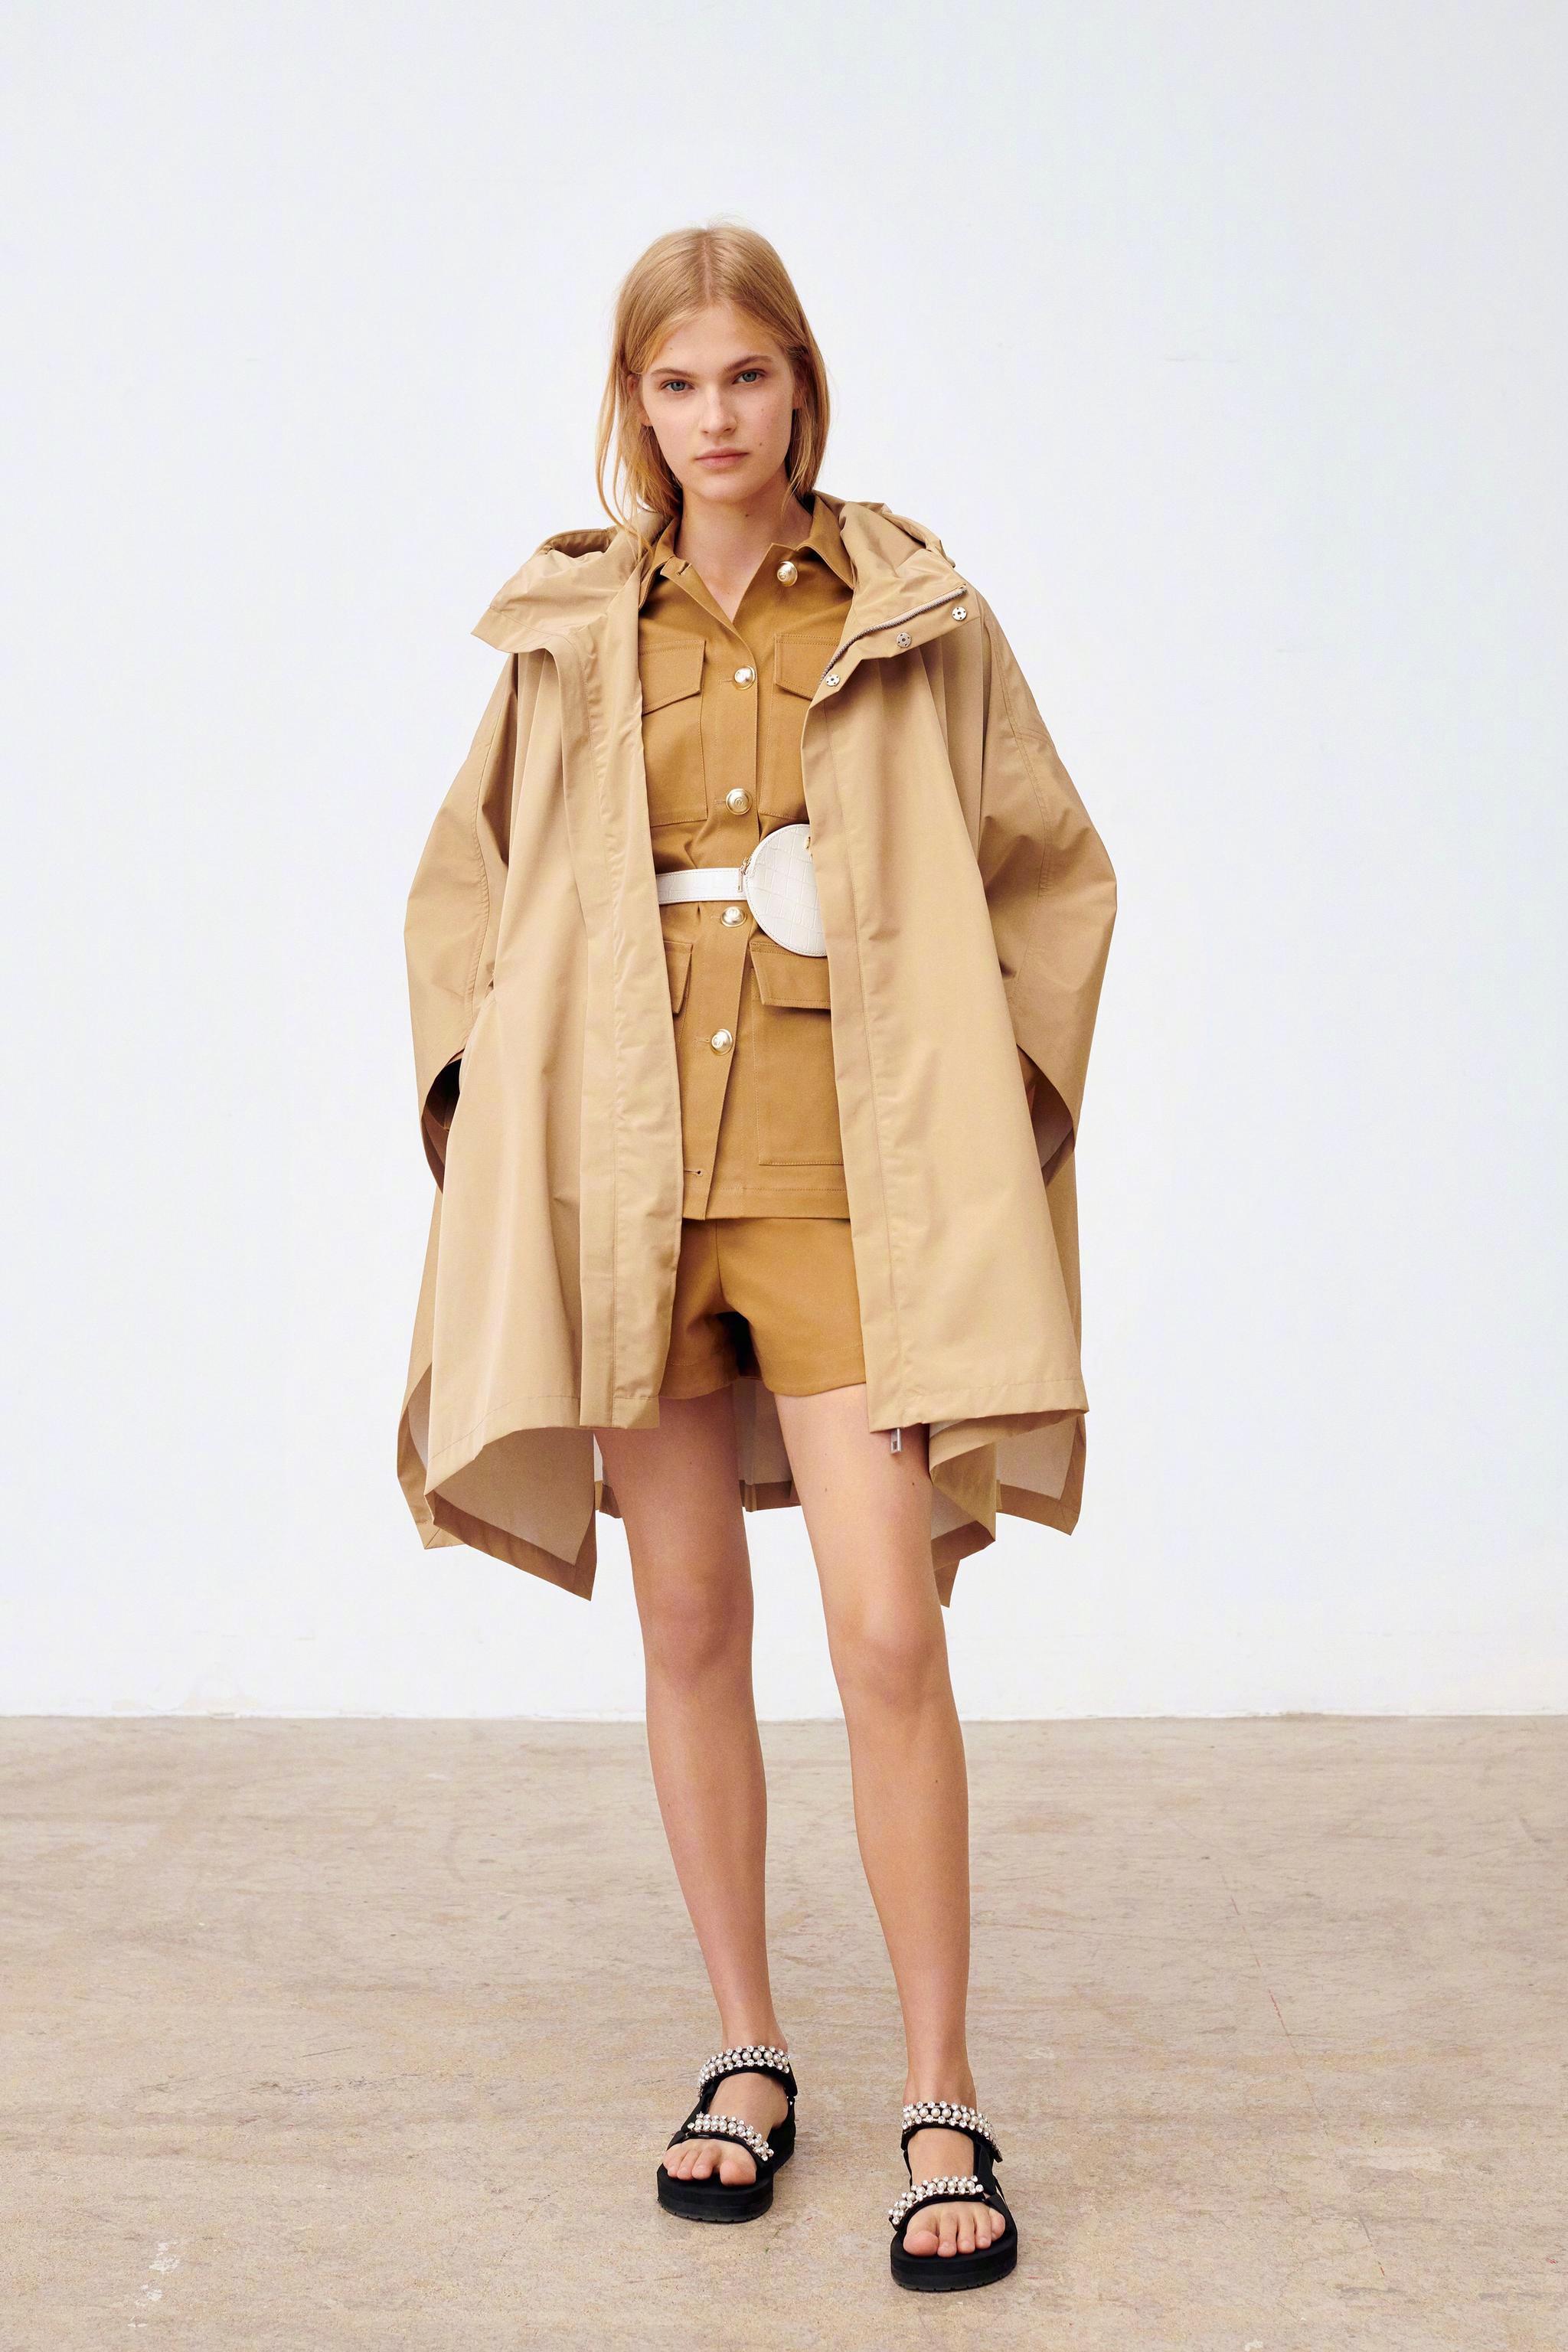 Maje 2020 春夏系列———七十年代的冰糕色太阳裙、泡泡边连衣裙、迎